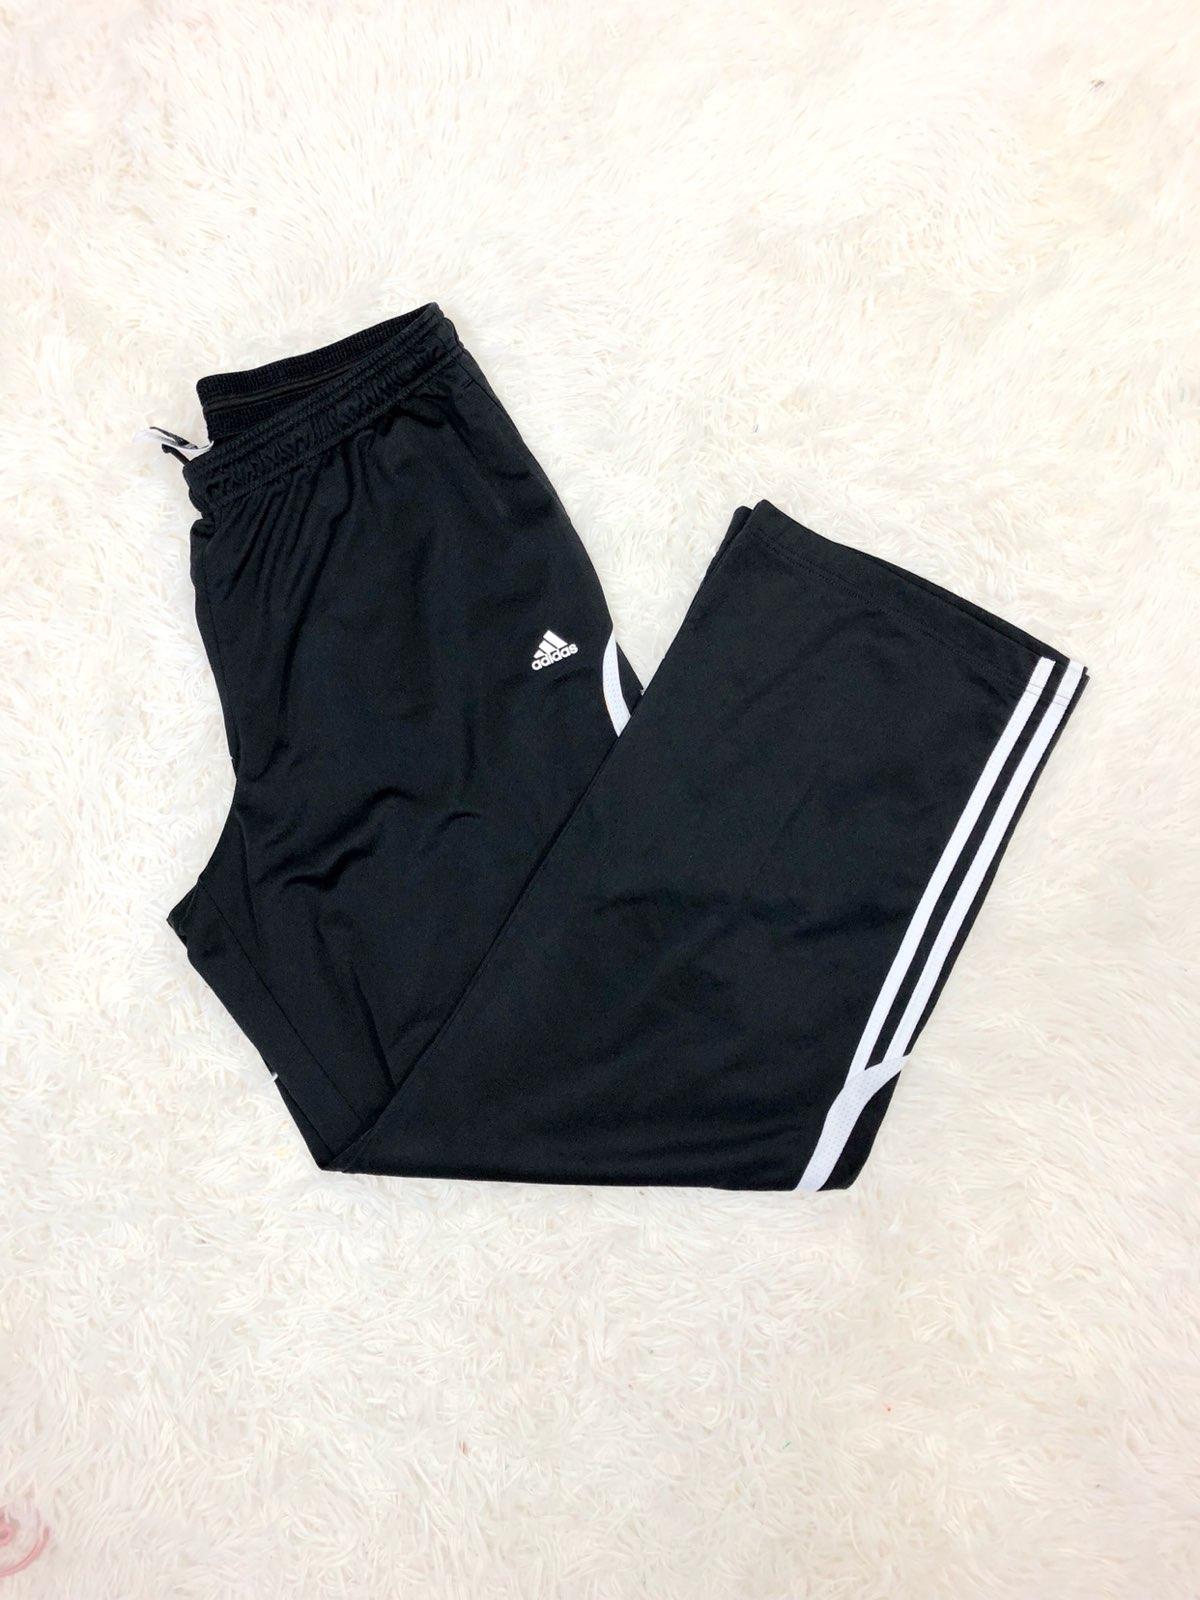 Track suit pants